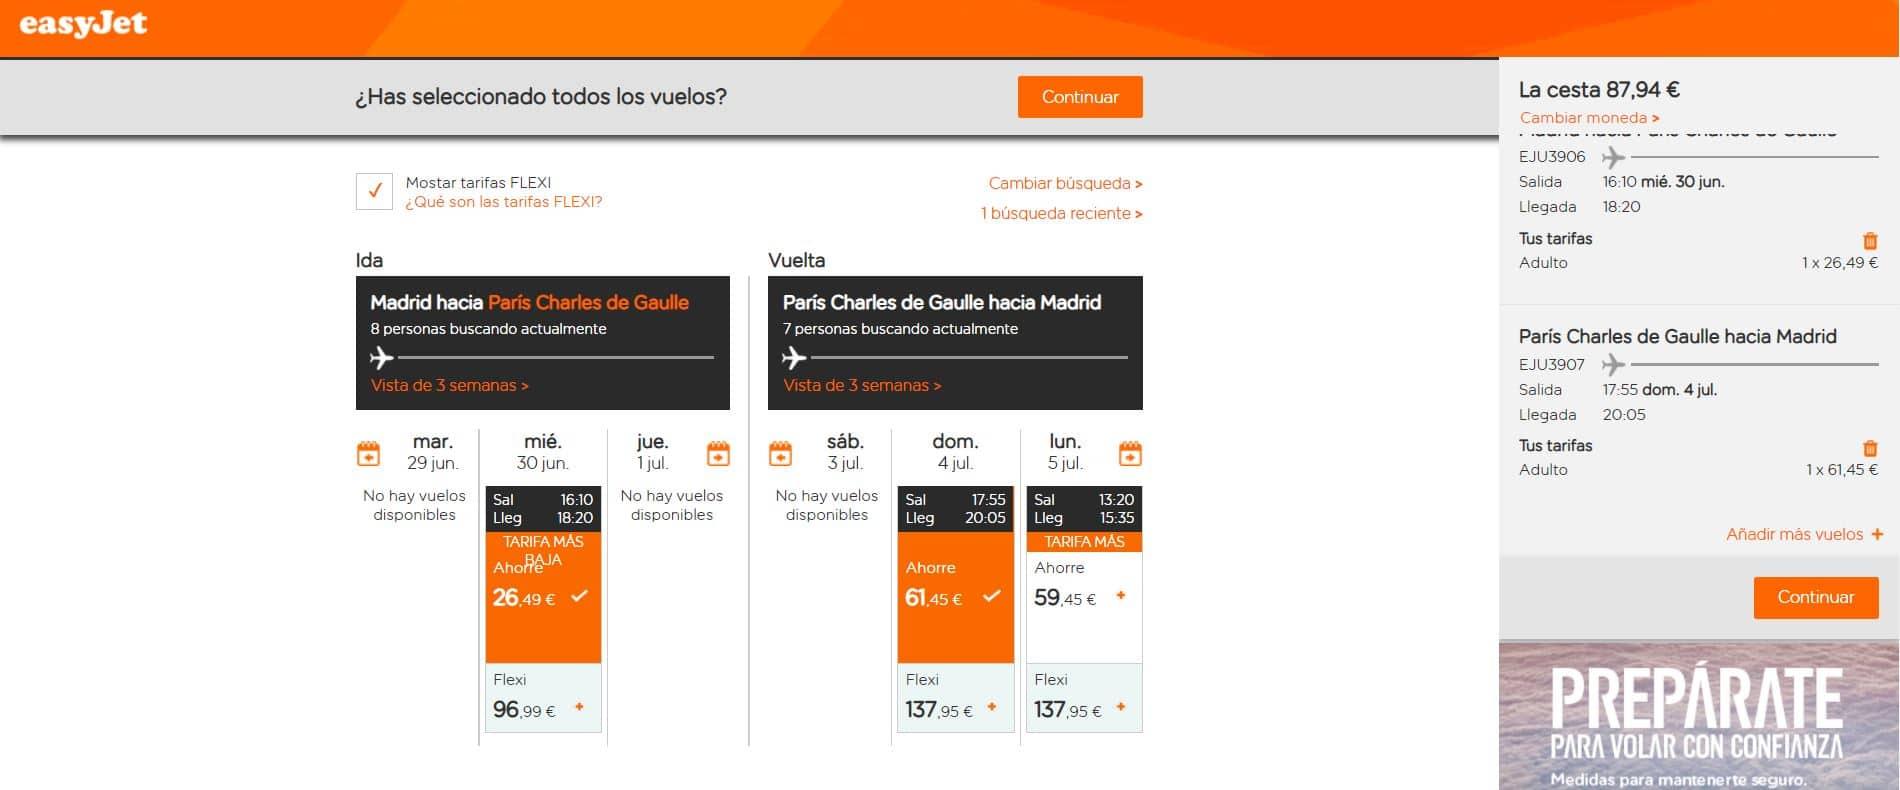 Paso 2 - Cómo reservar vuelos en EasyJet